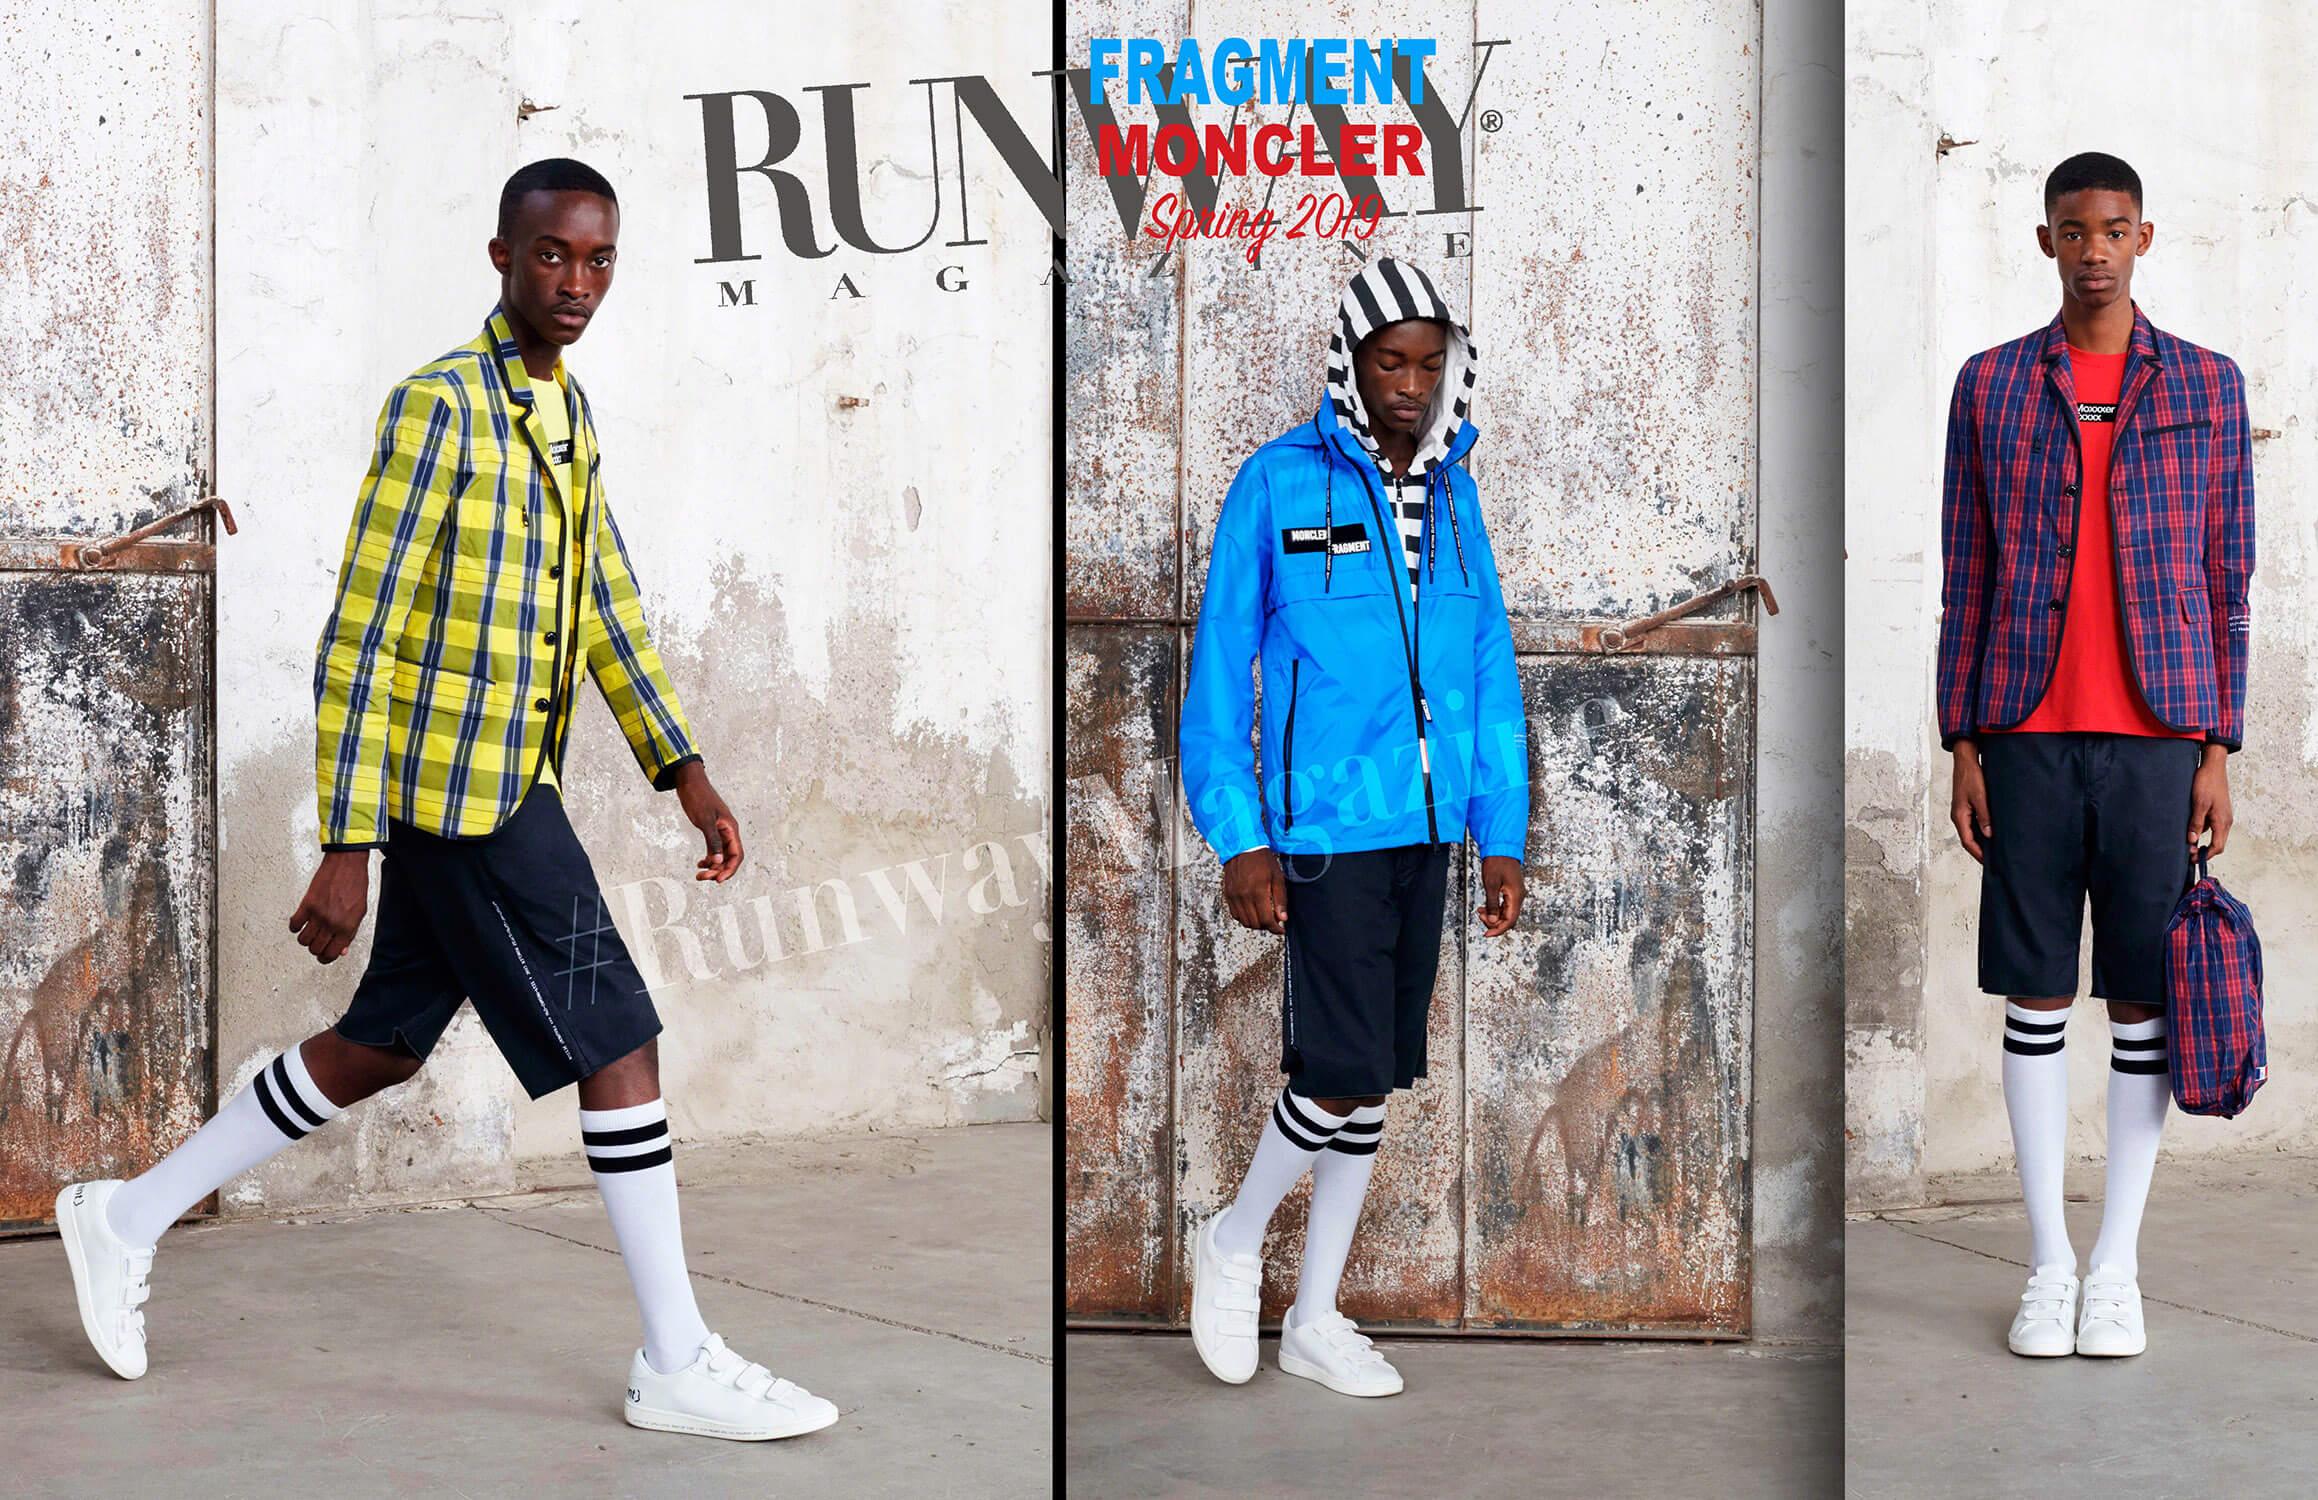 Moncler Fragment Spring Summer 19 Milan by Runway Magazine